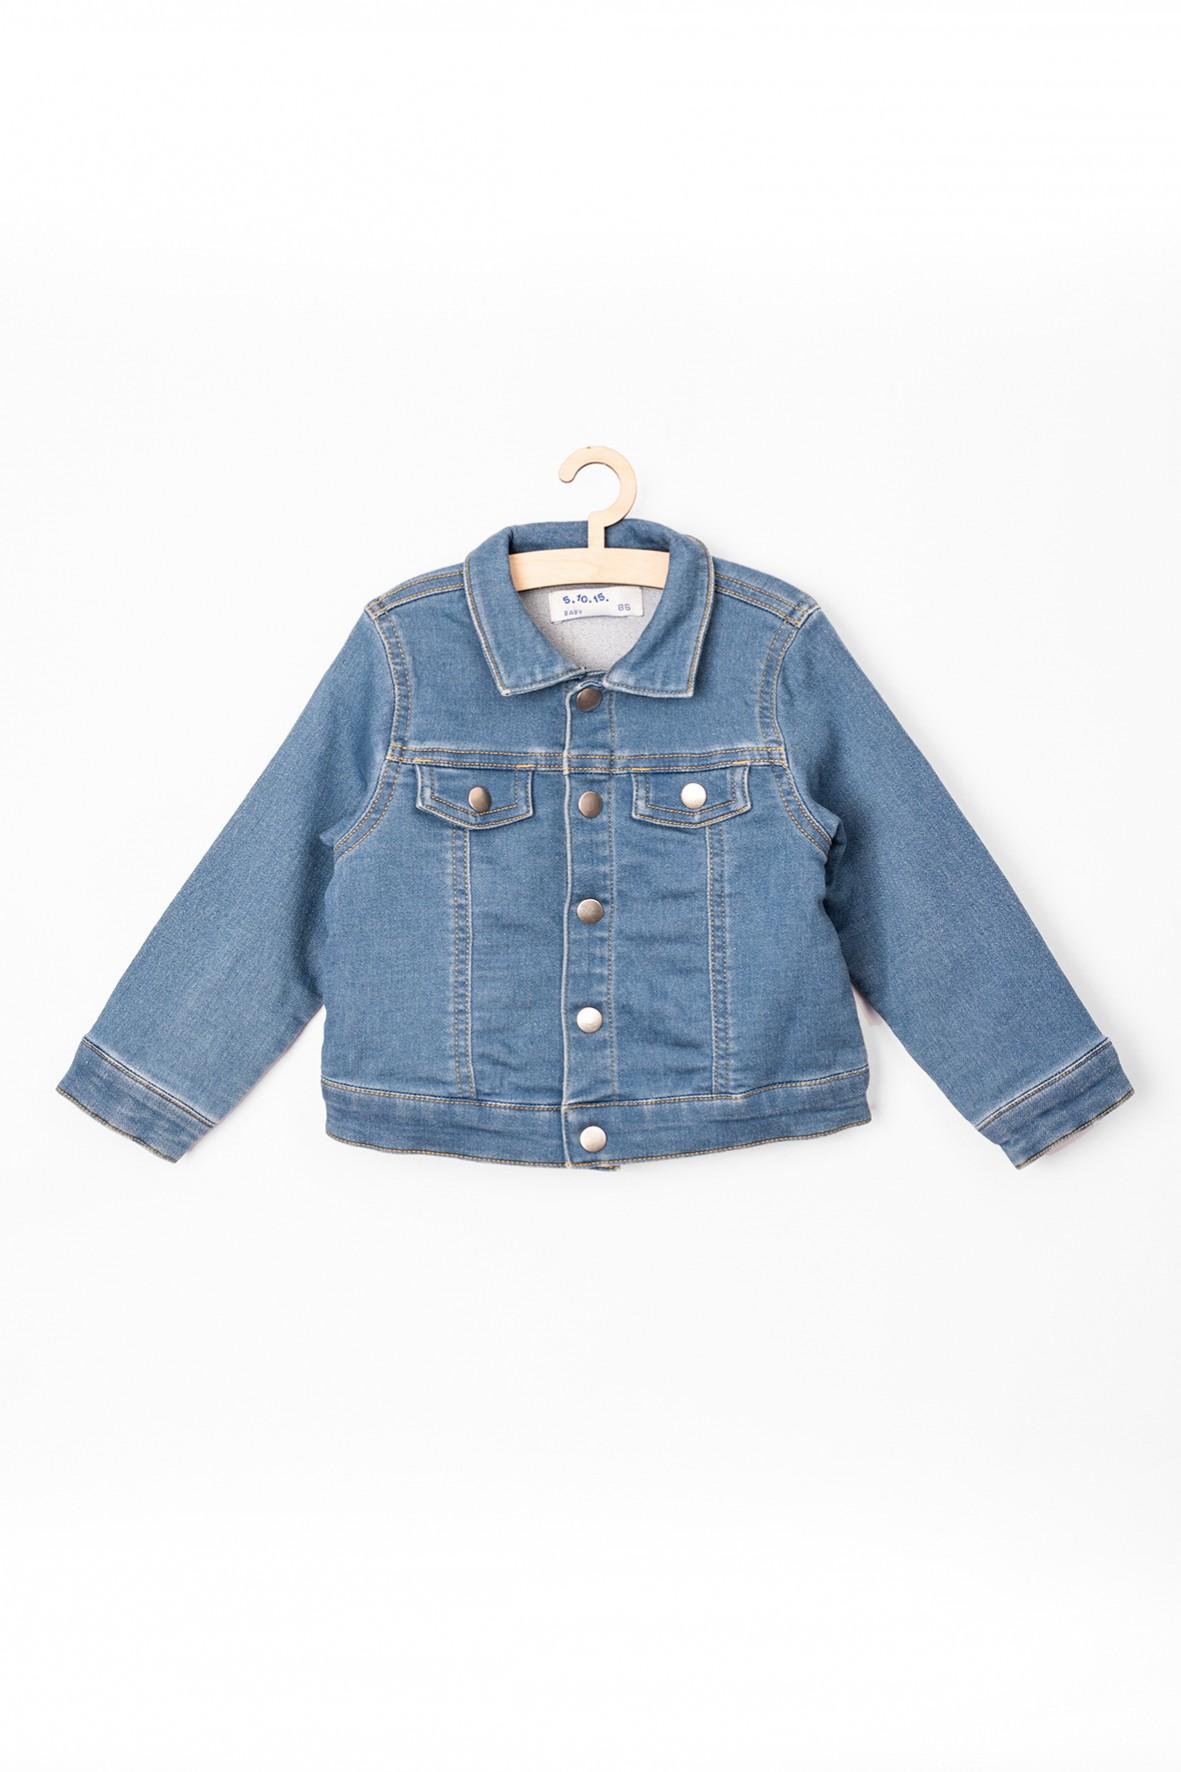 Kurtka niemowlęca jeansowa niebieska